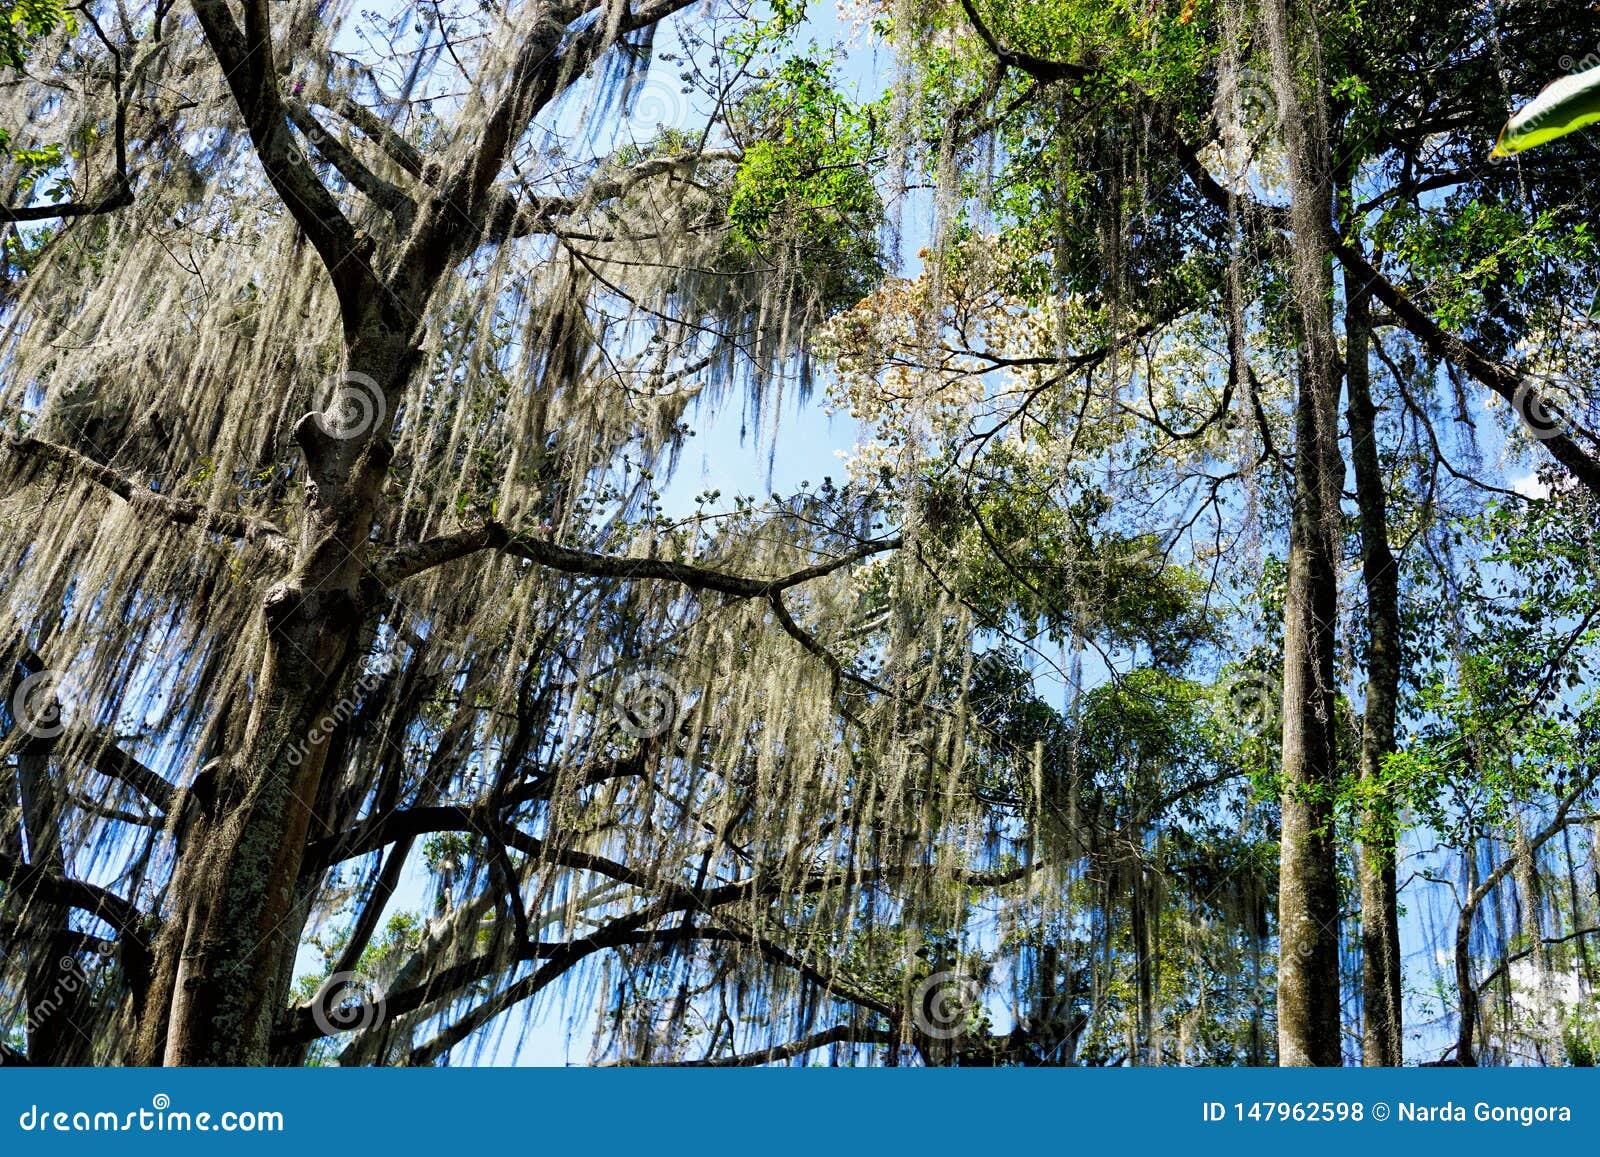 Gallineralbomen in een Park in San Gil, Colombia